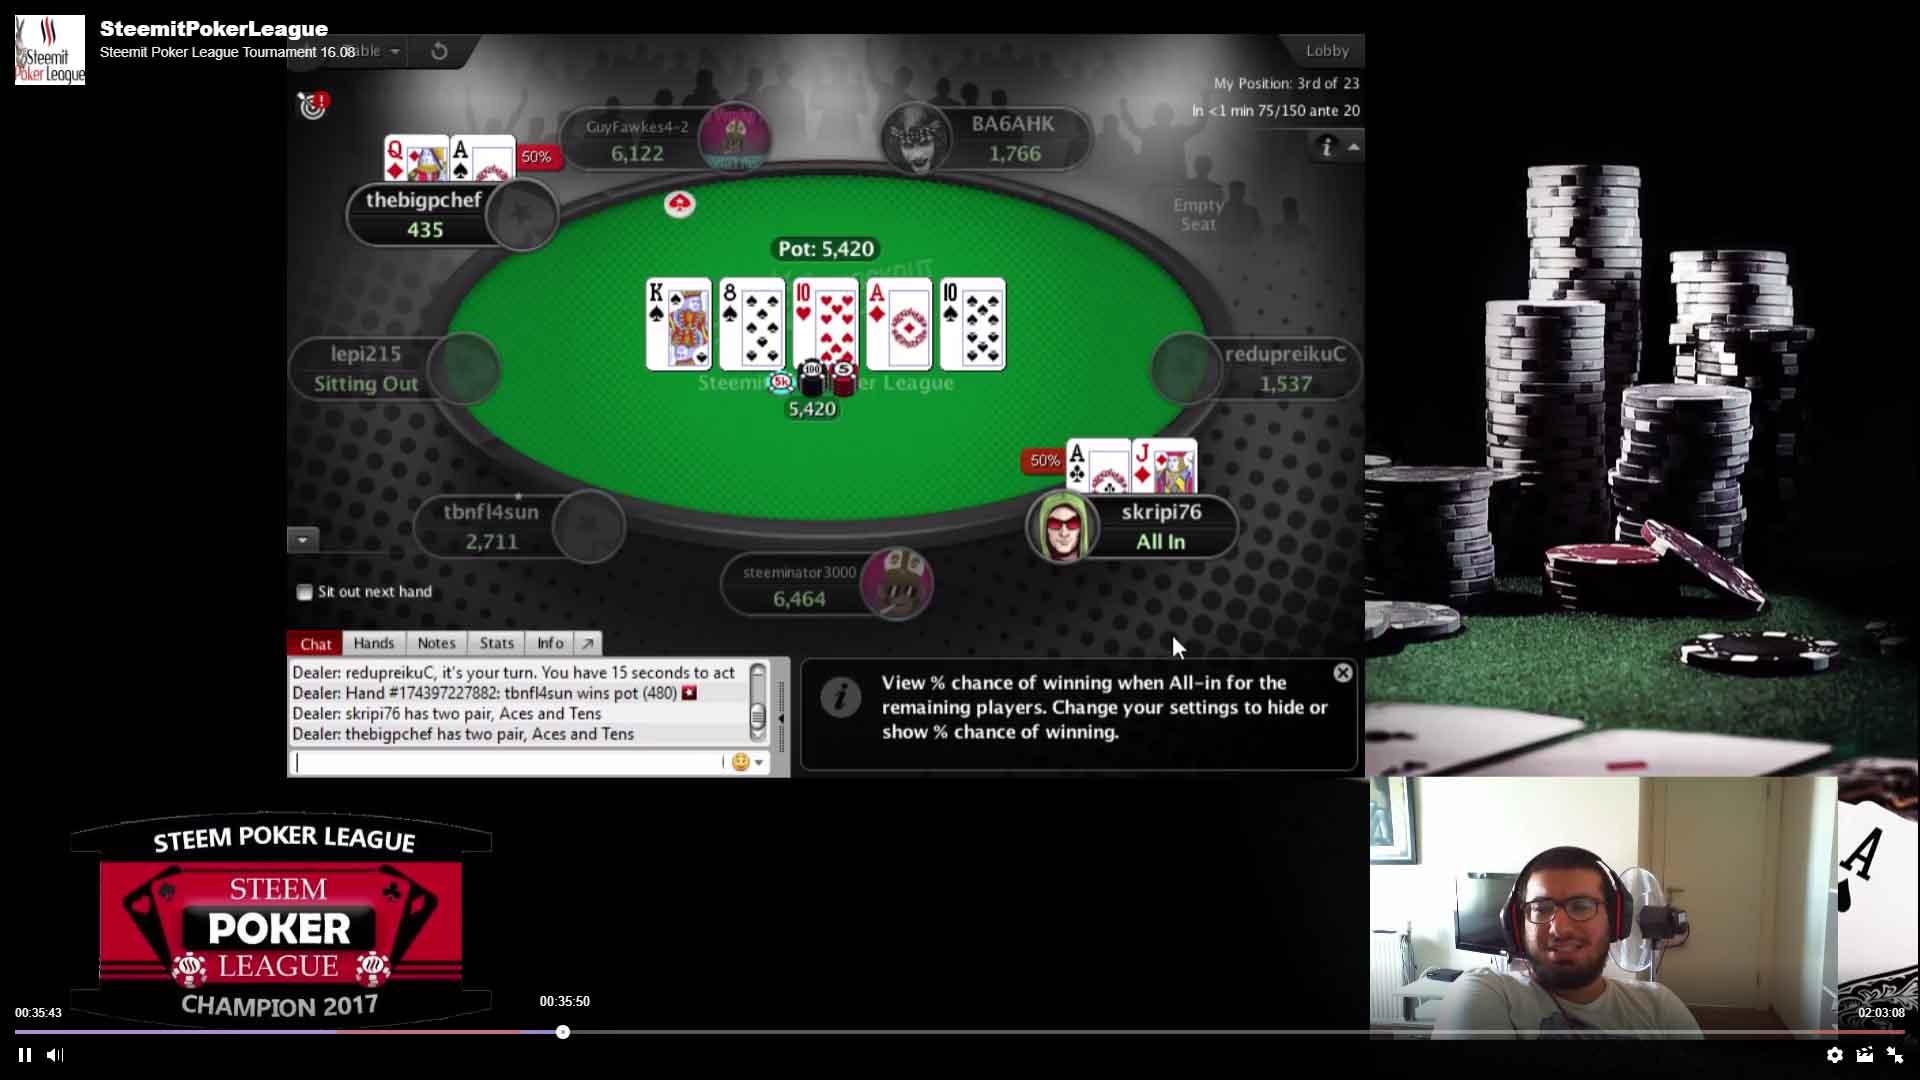 streams poker twitch